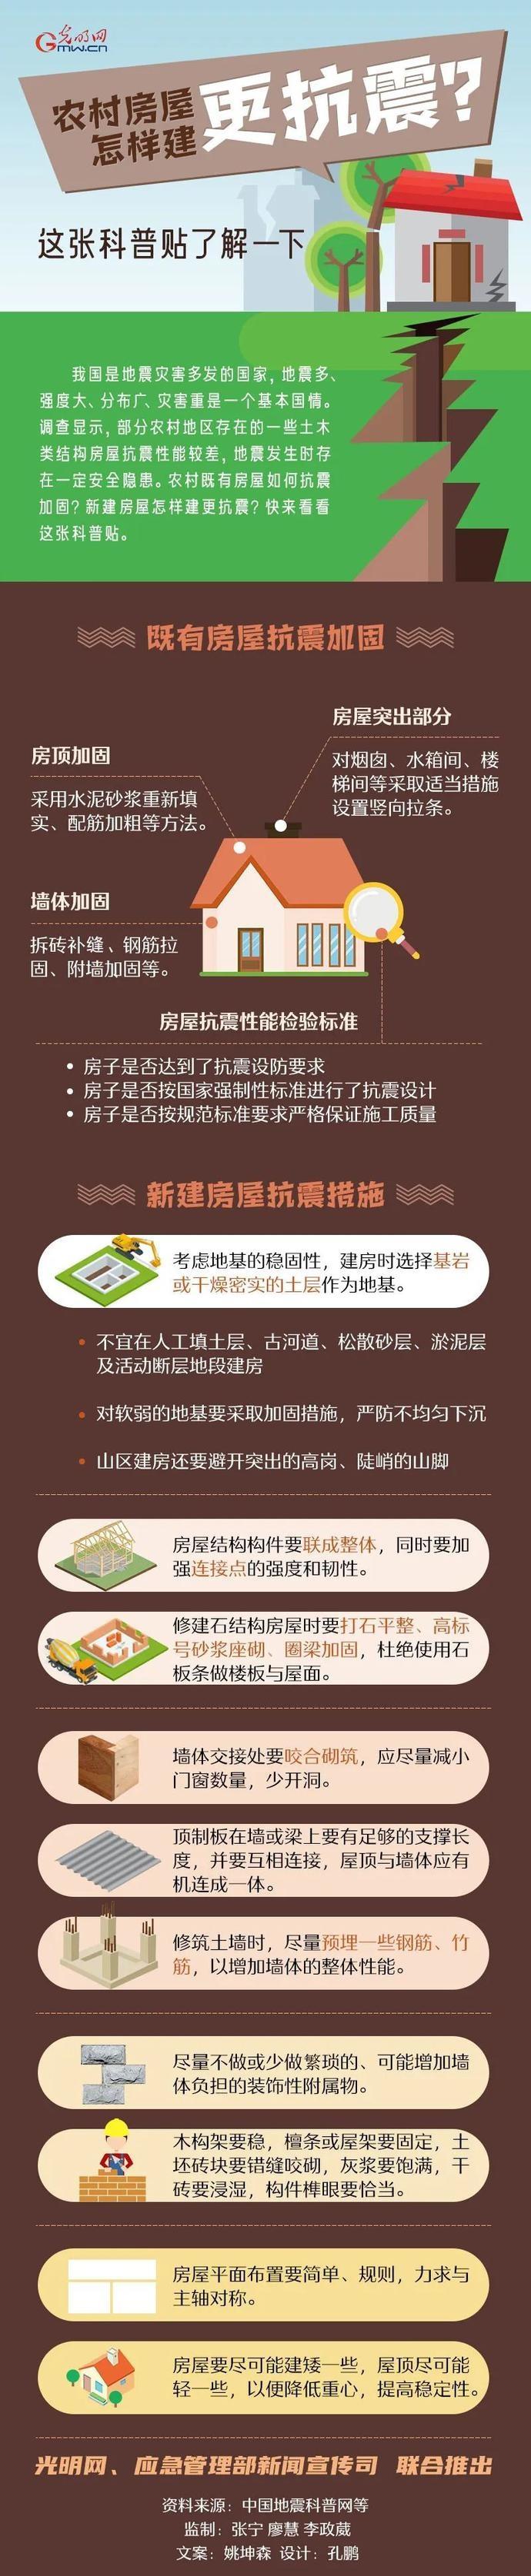 唐山大地震44周年丨农村房屋怎样建更抗震?这张科普贴了解一下